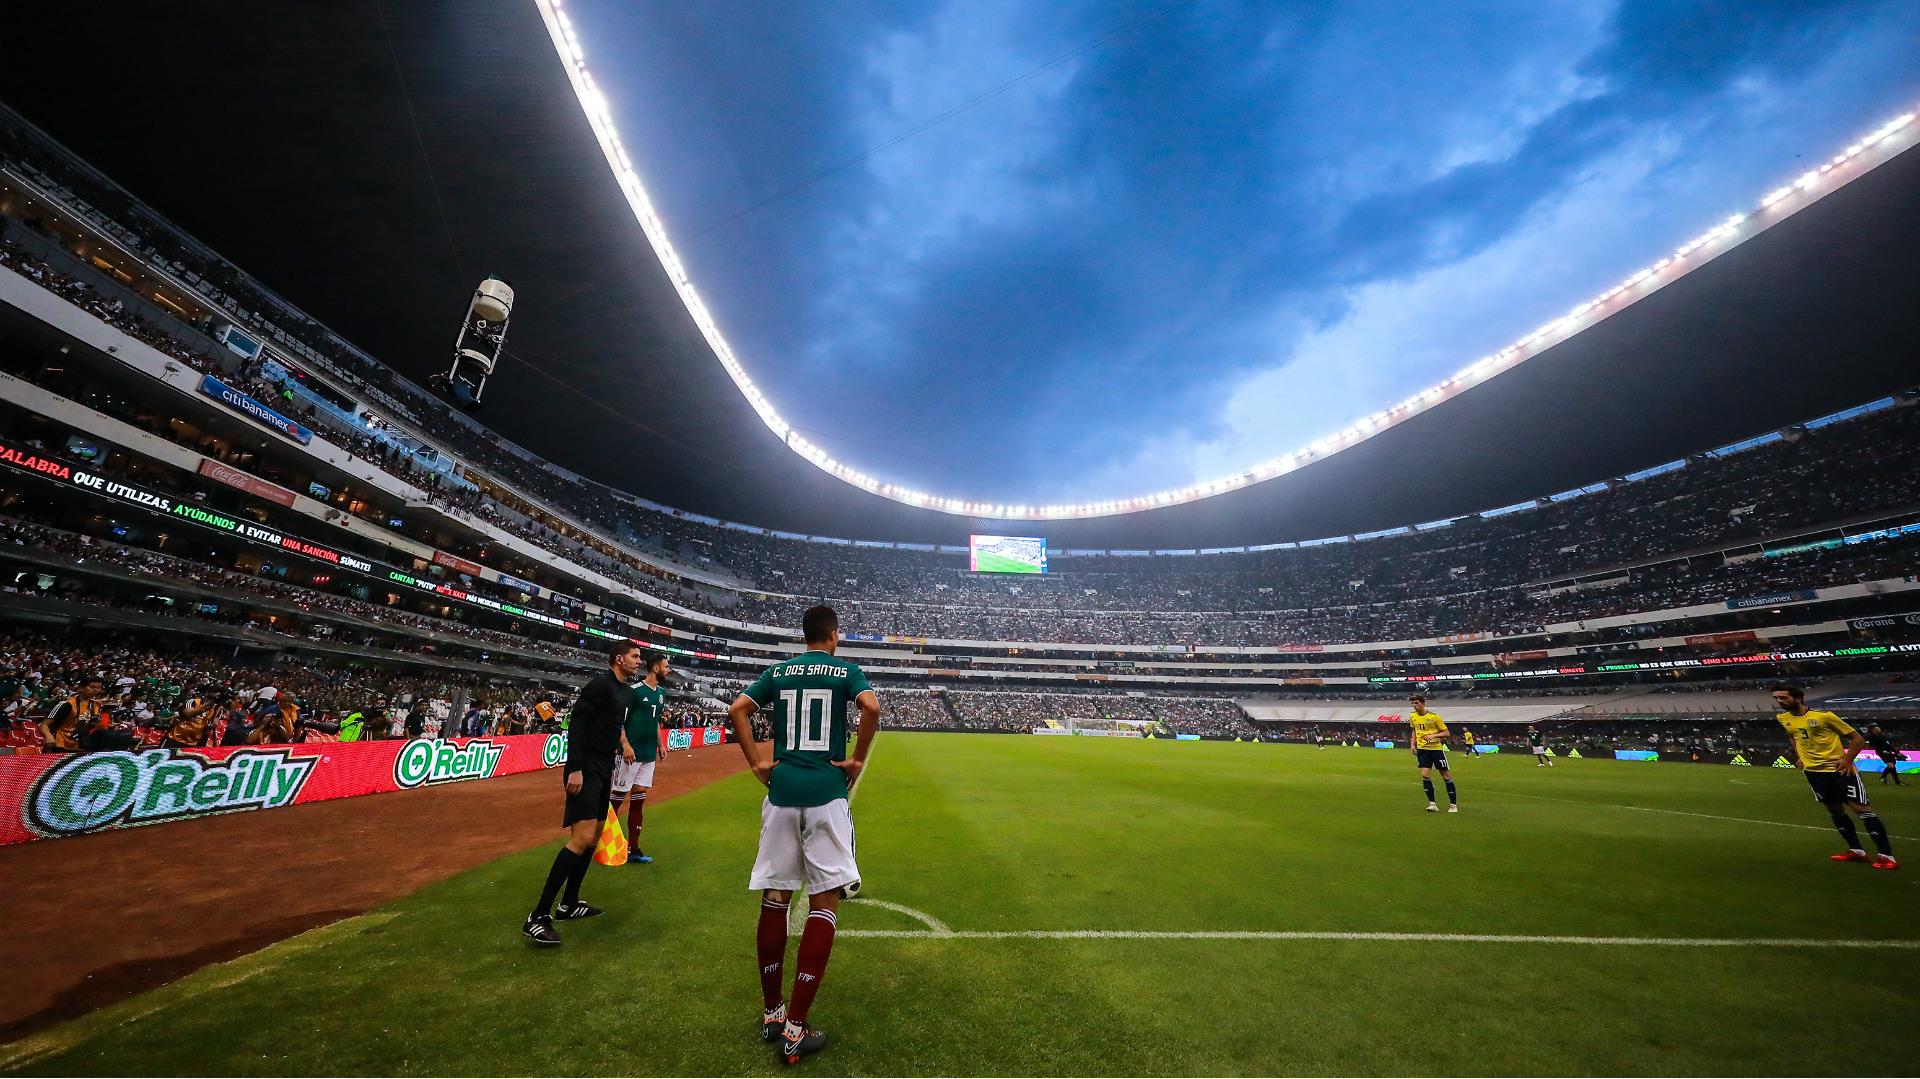 Giovani dos Santos Mexico